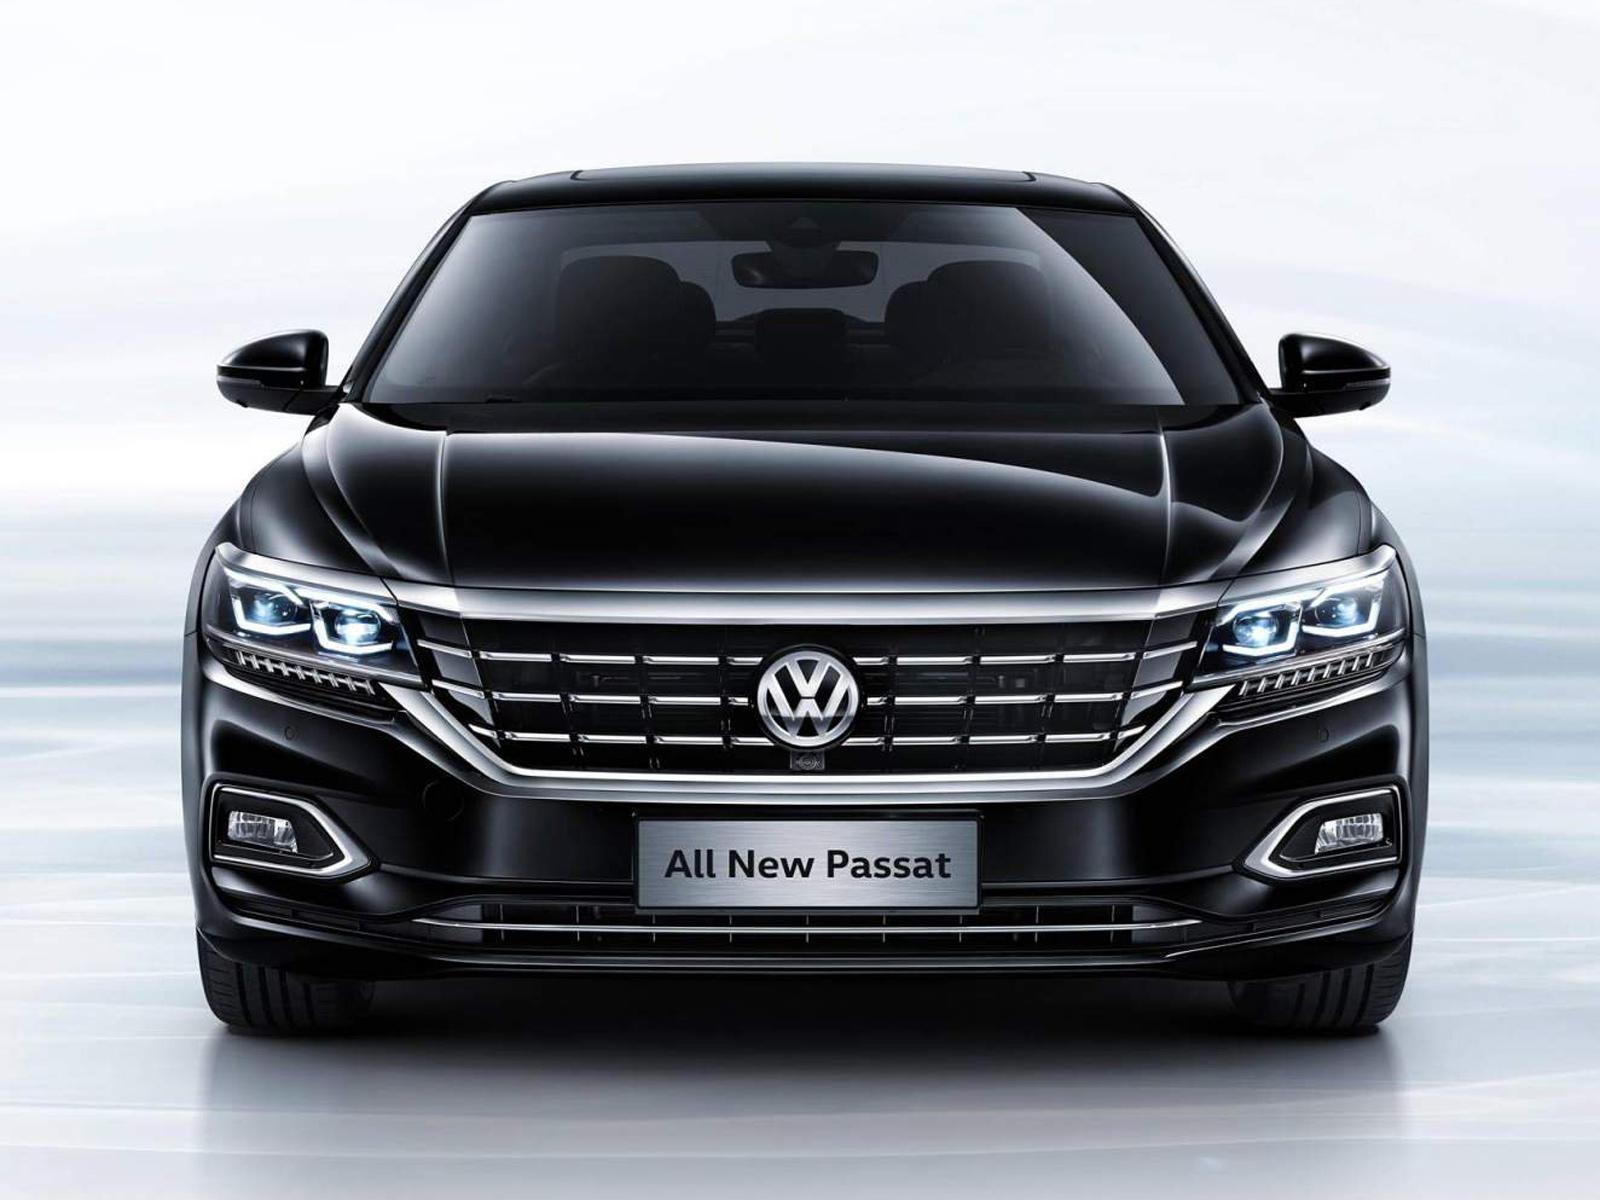 İşte karşınızda 2020 model VW Passat!